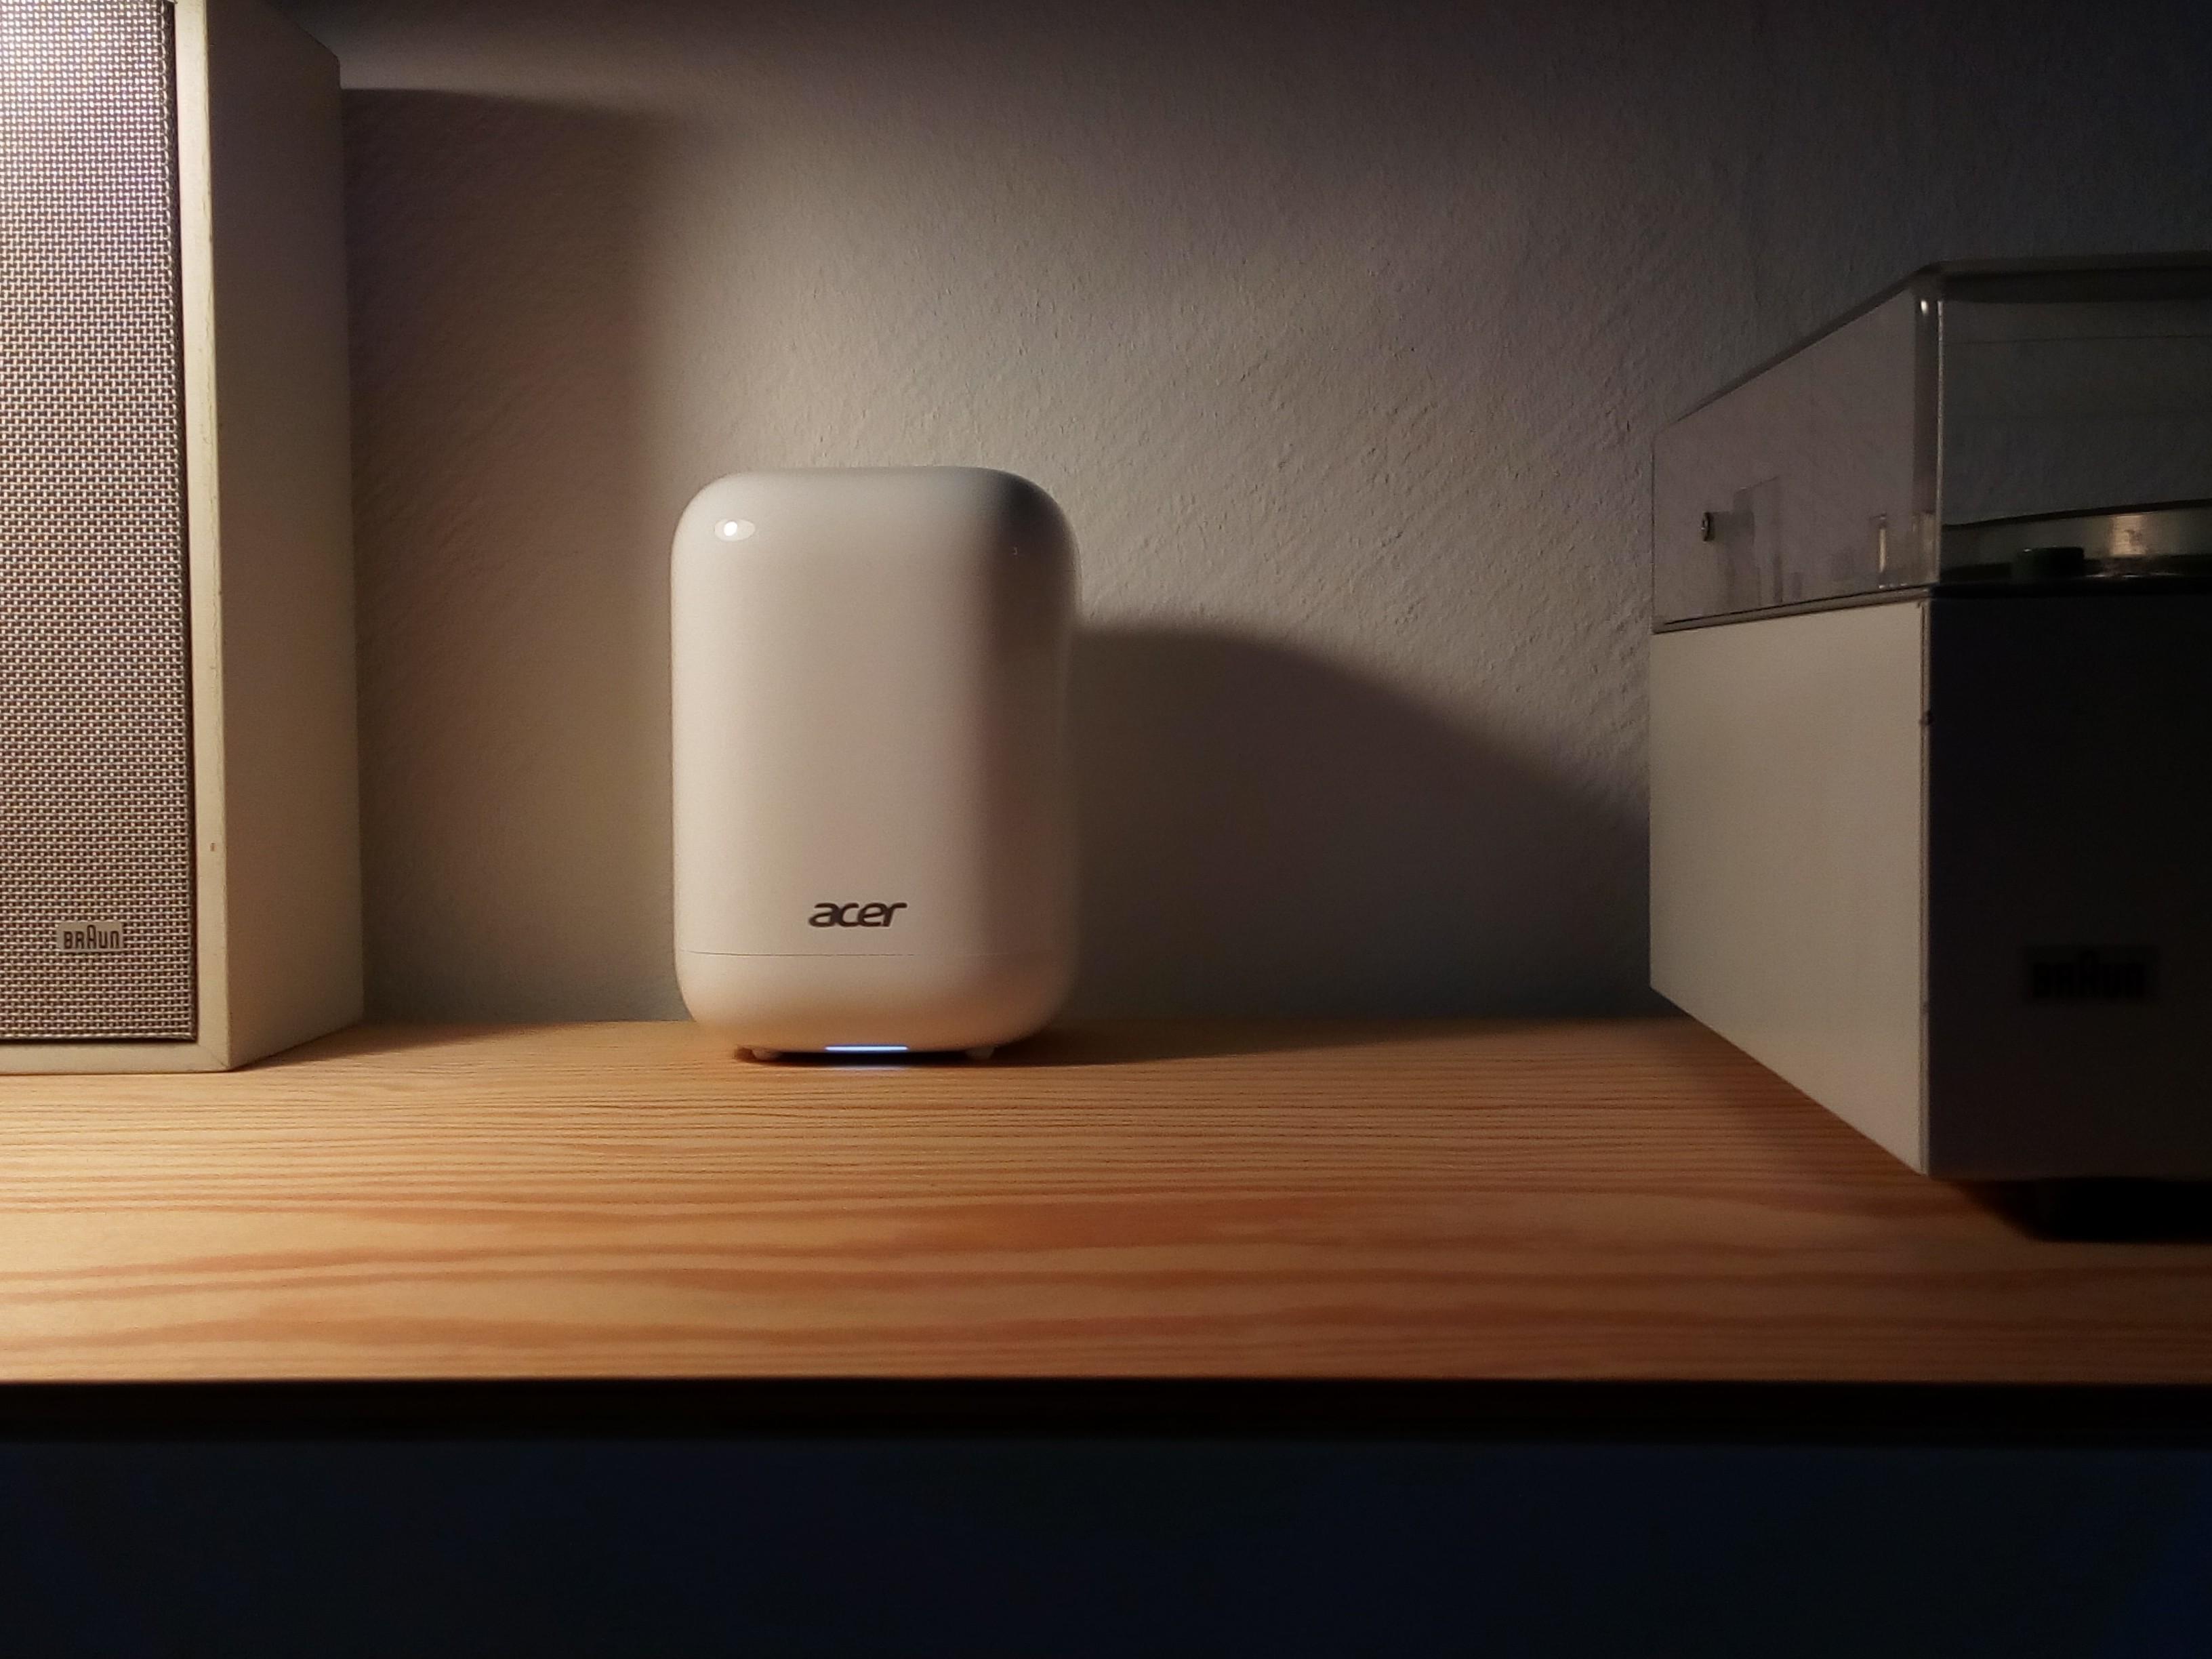 Acer Revo One neben der HiFi-Anlage